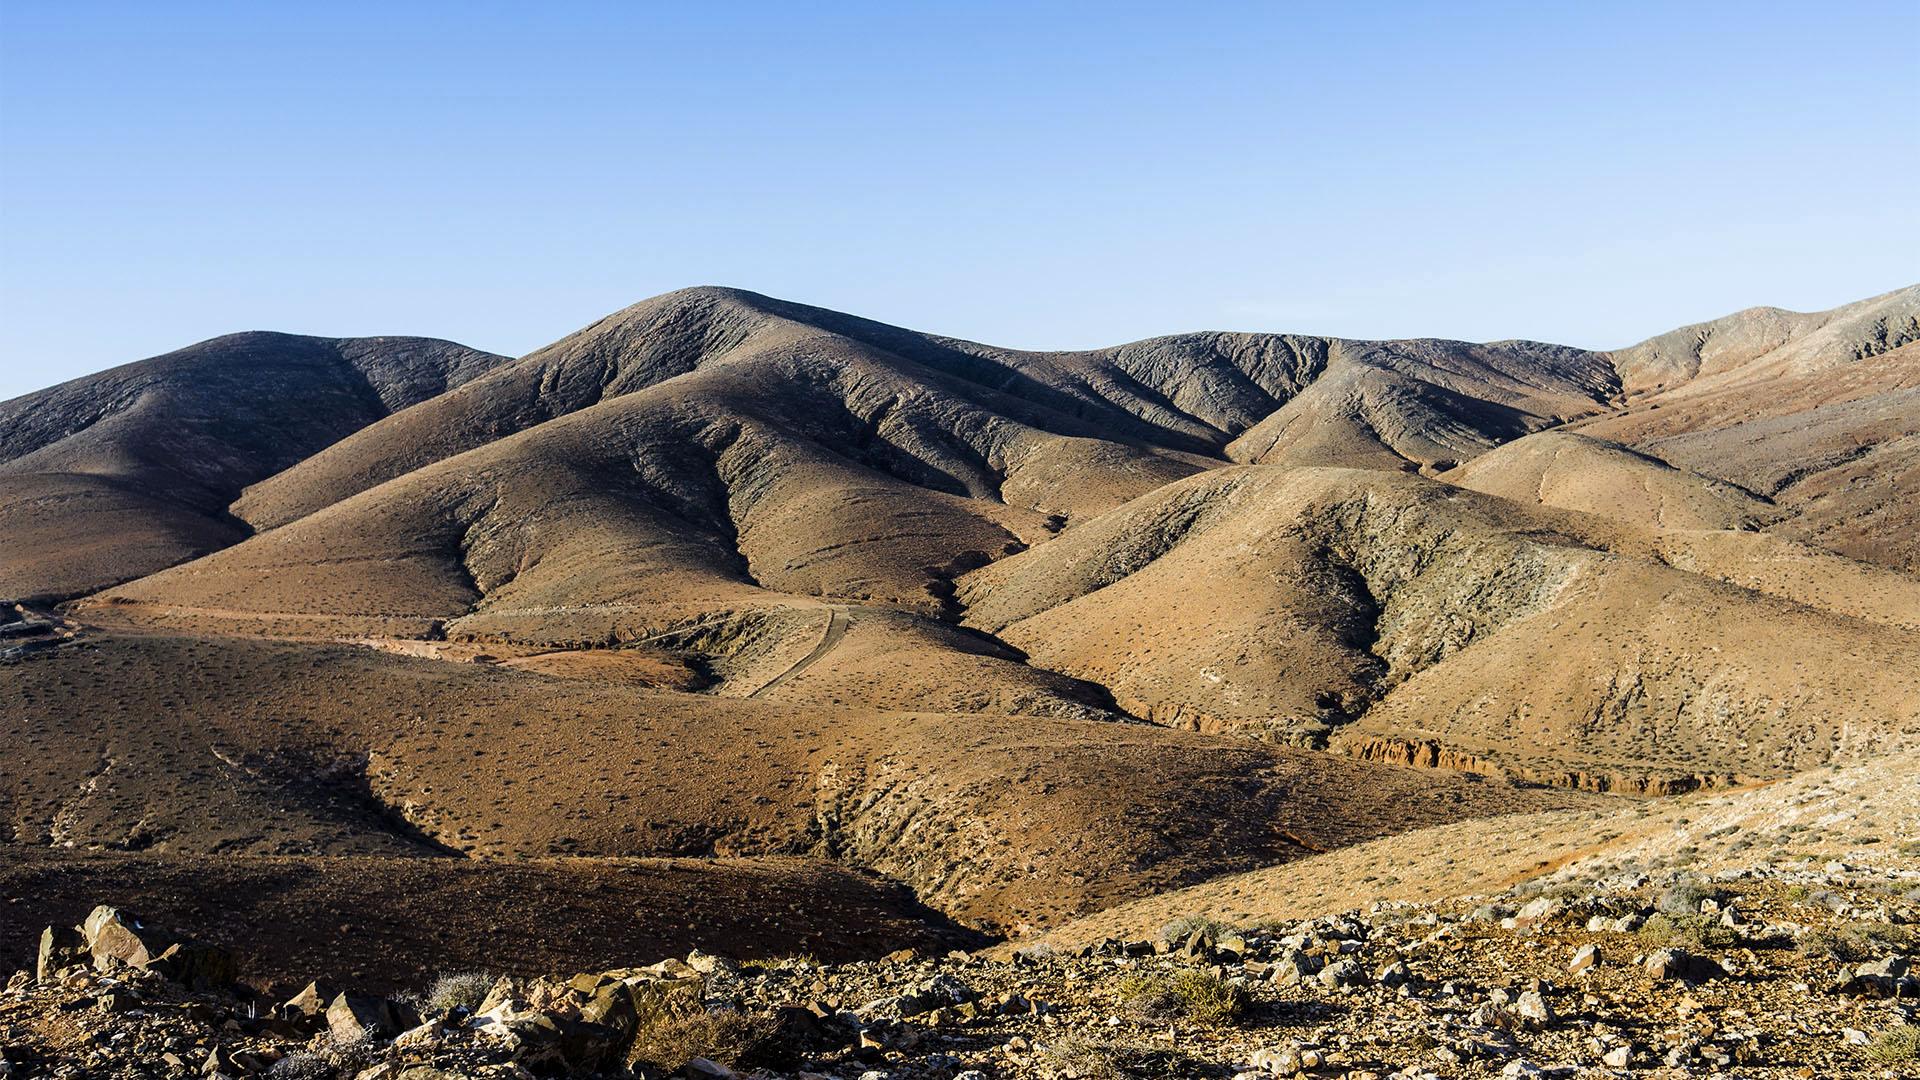 Fuerteventura Inselrundfahrt Zentralmassiv – El Cardón Degollada de las Bujas.